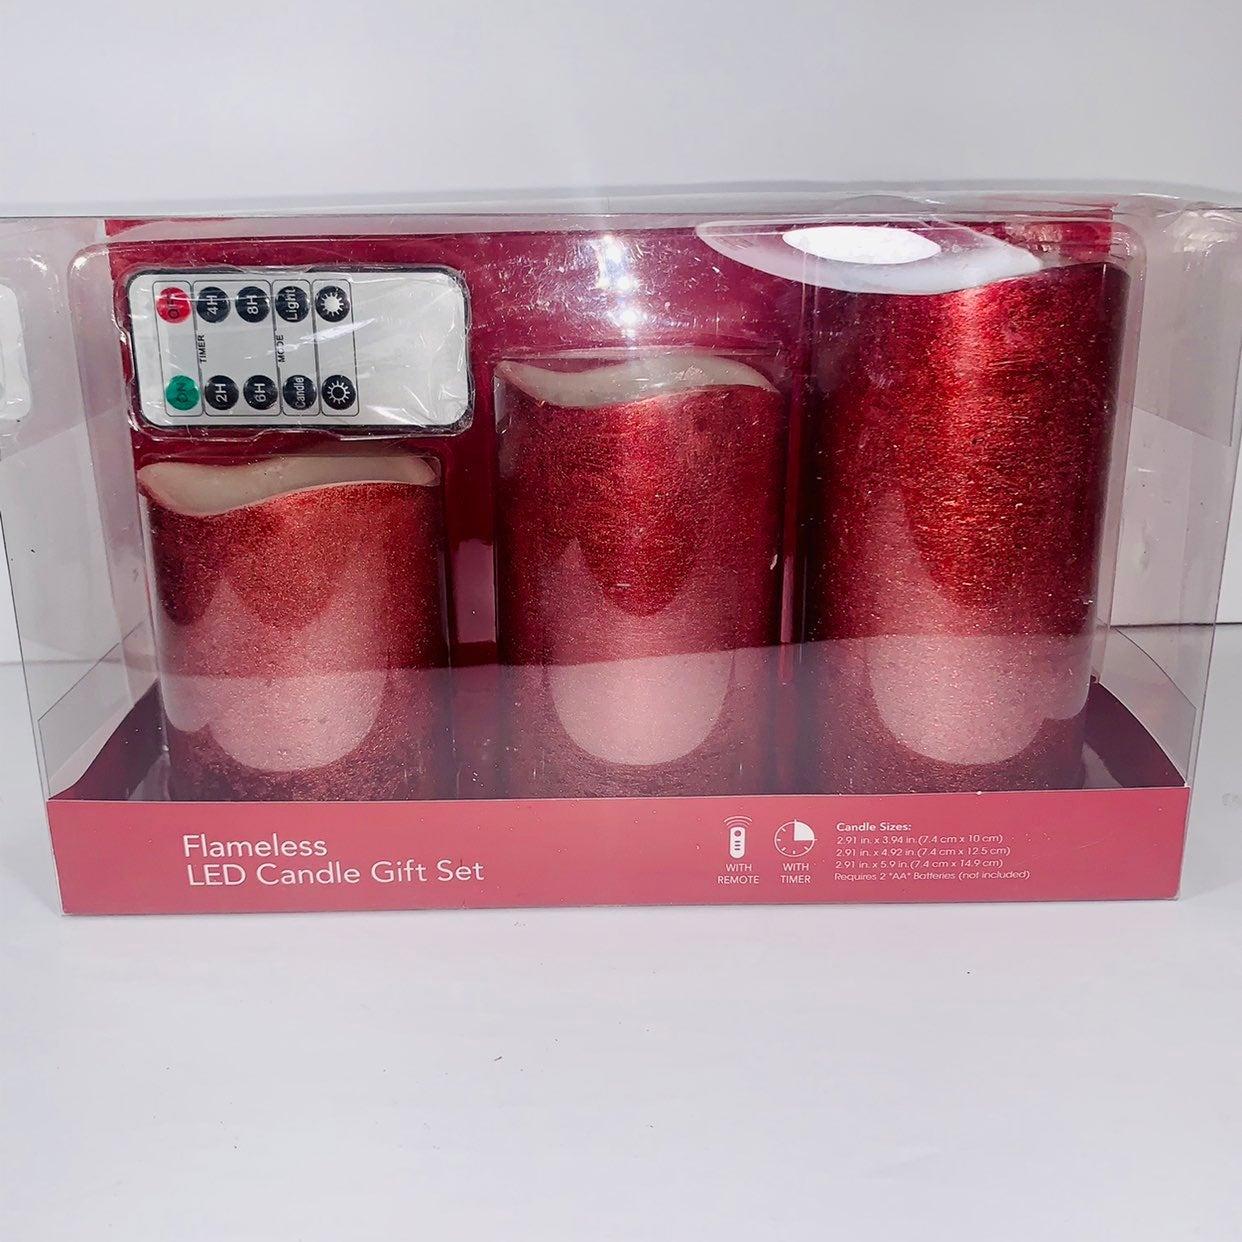 Flameless LED Candle Set